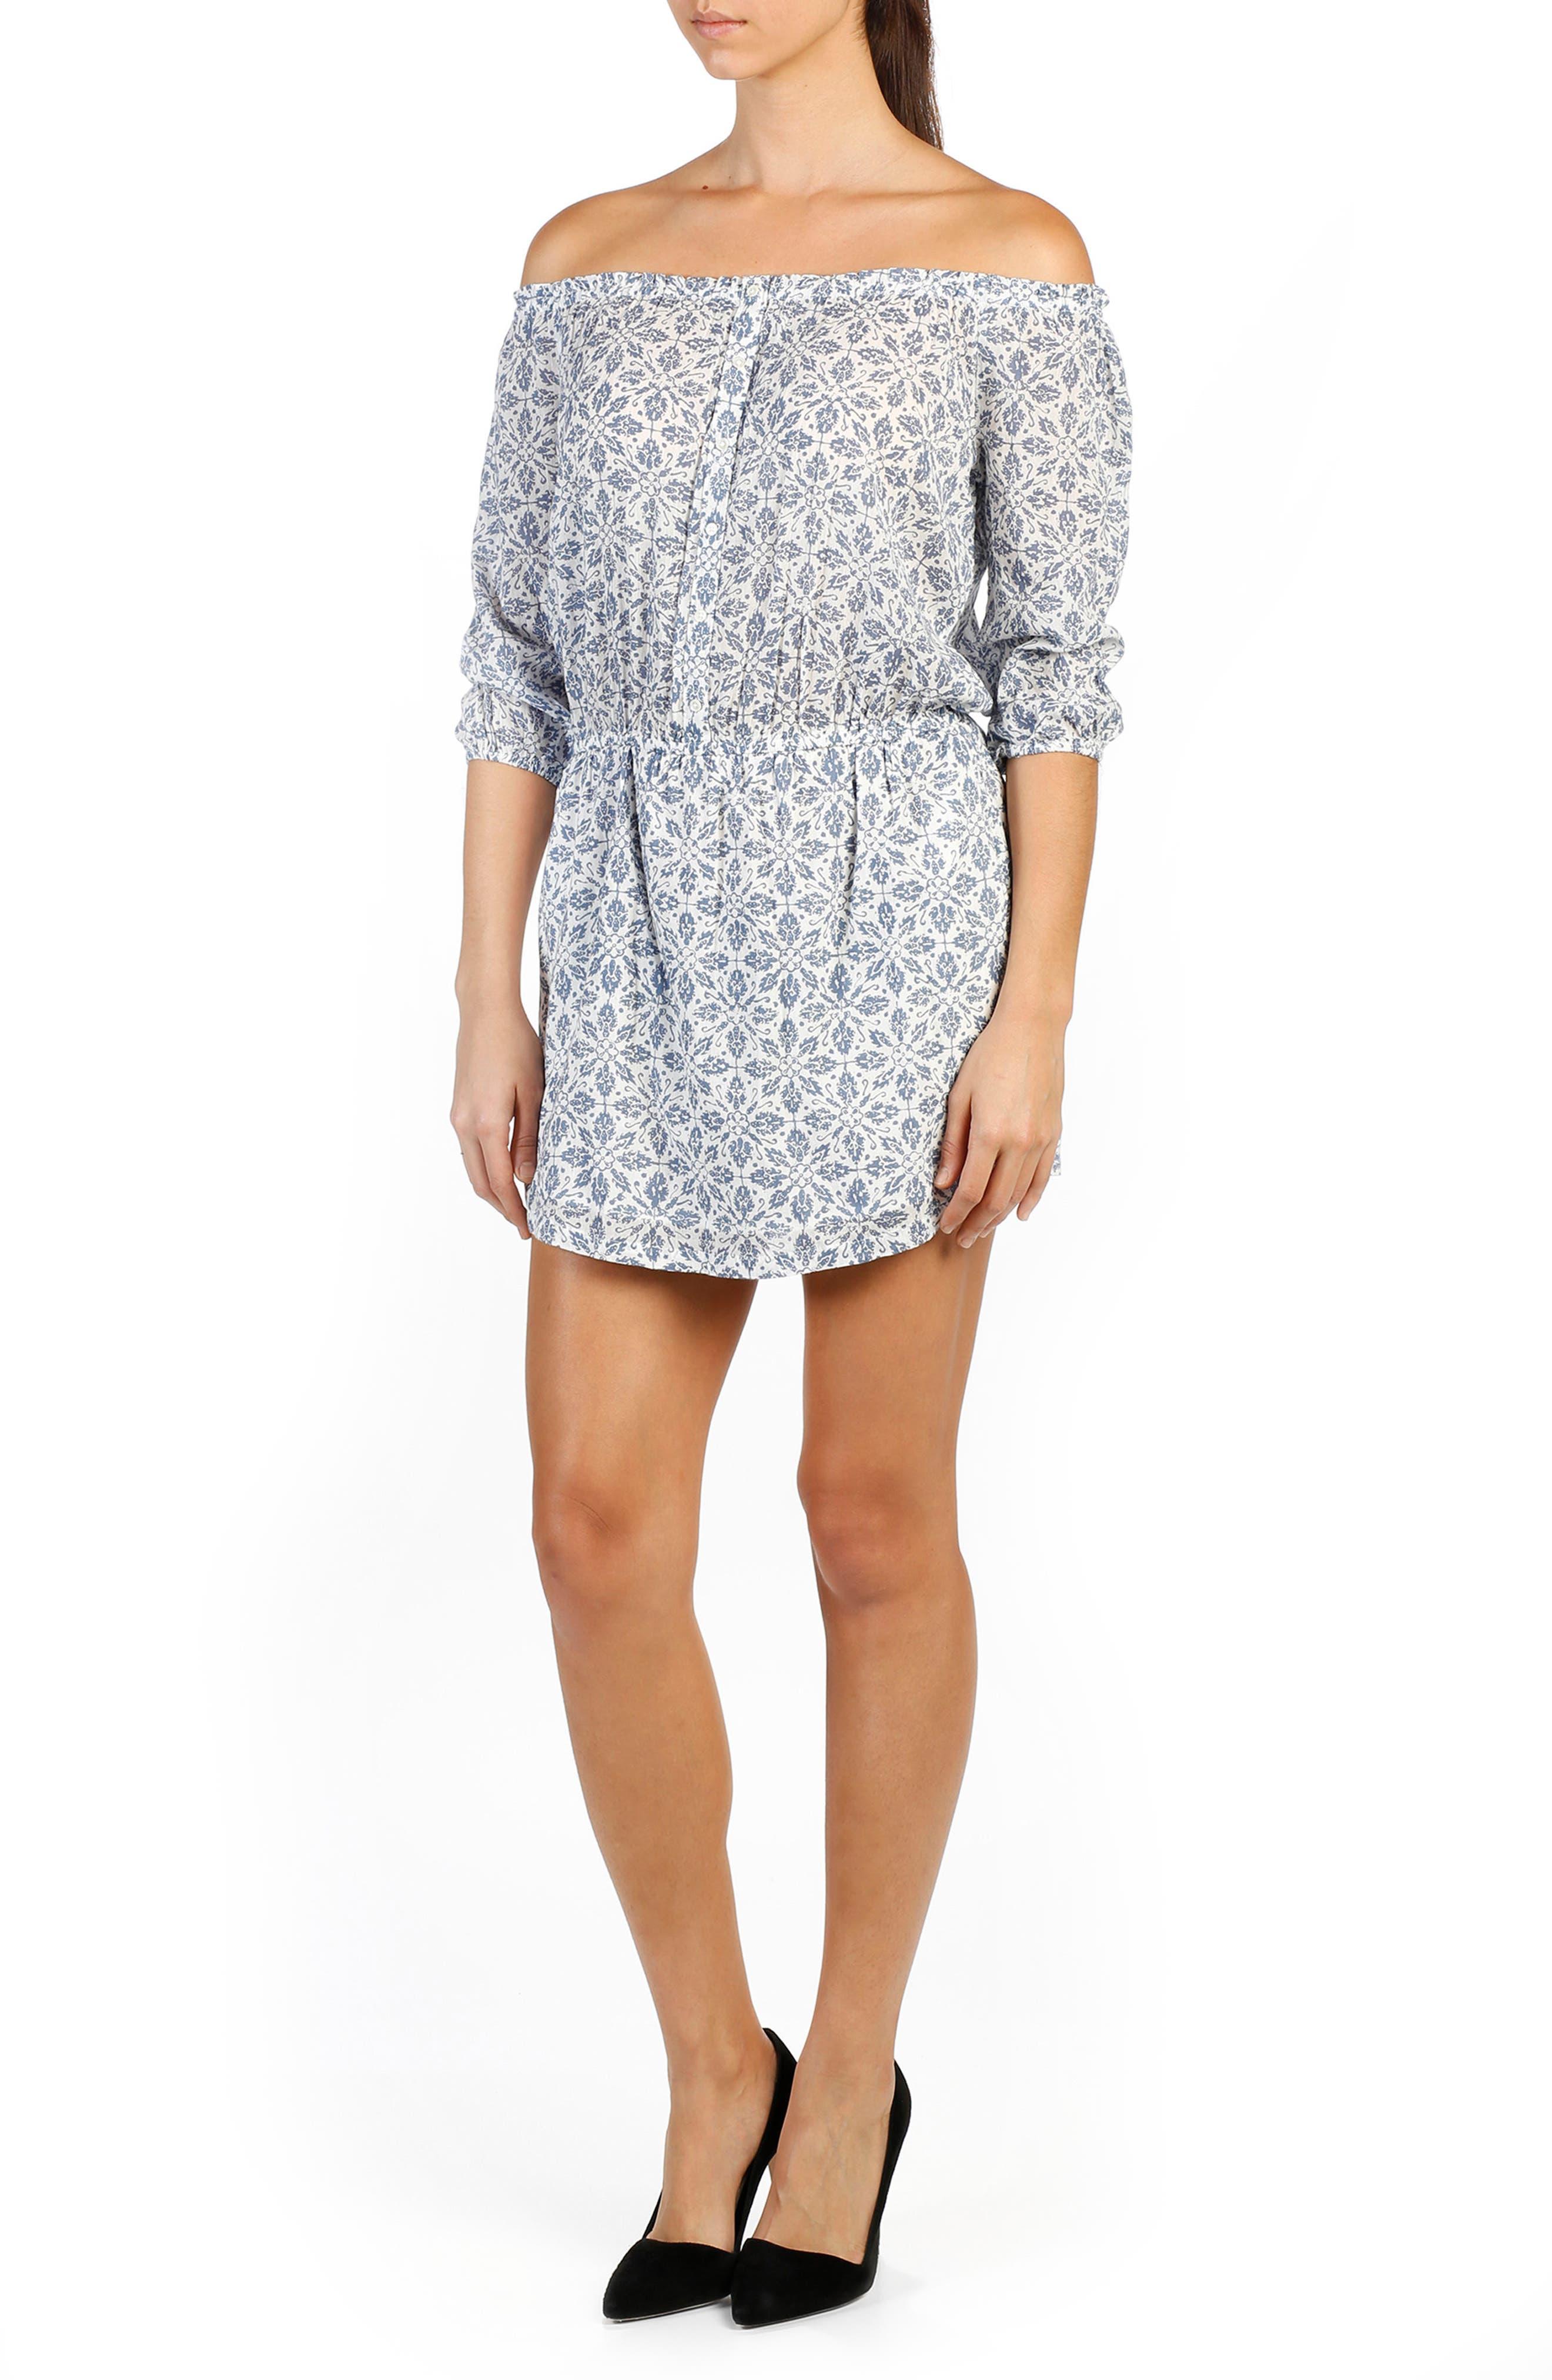 Clover Off the Shoulder Dress,                         Main,                         color, 465